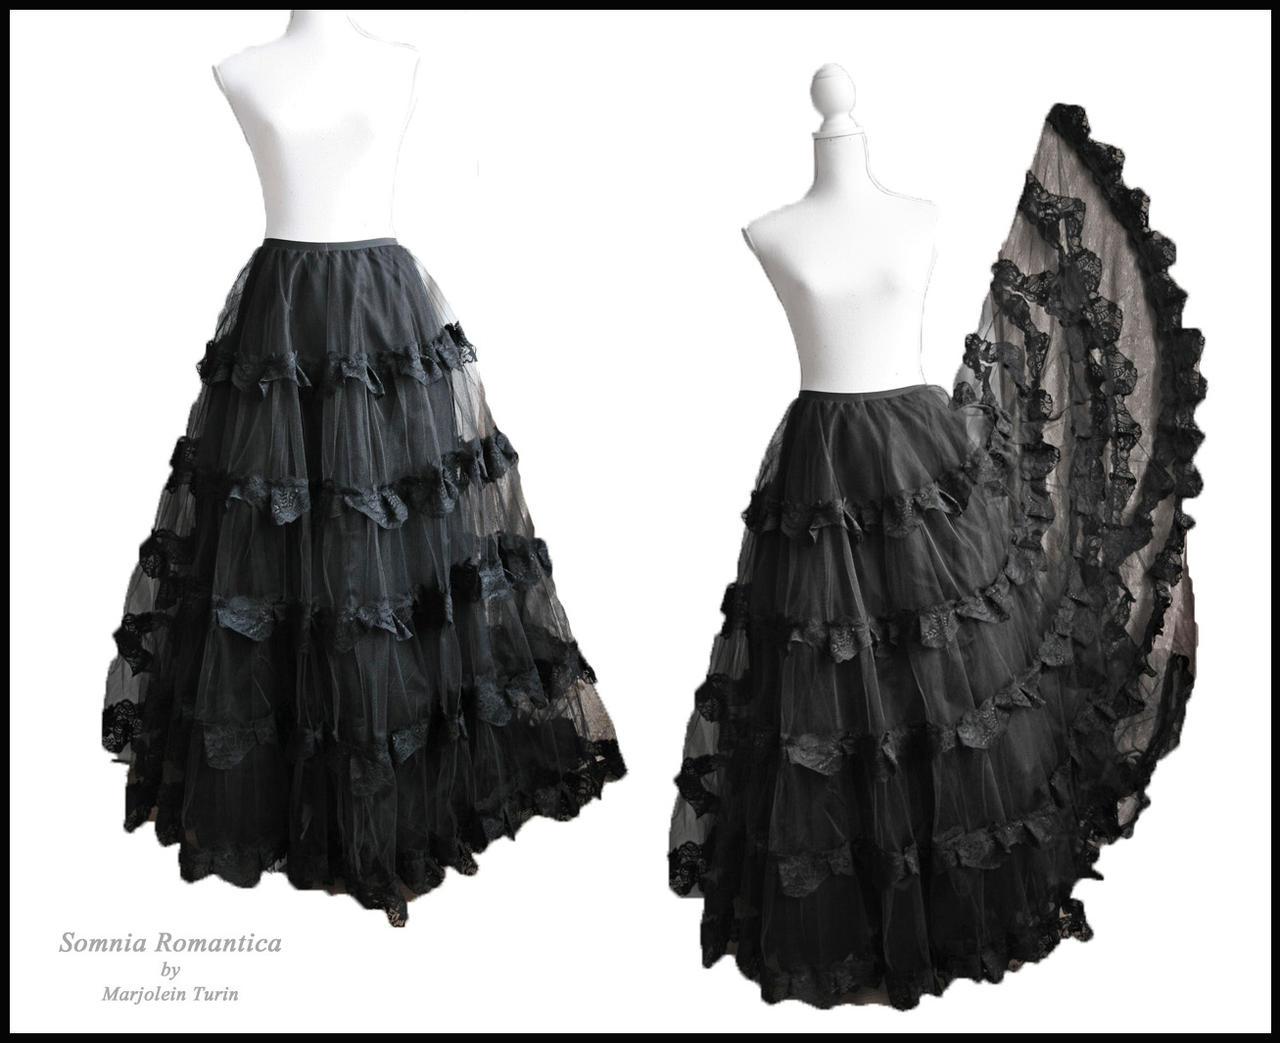 Petticoat 5, Somnia Romantica by Marjolein Turin by SomniaRomantica